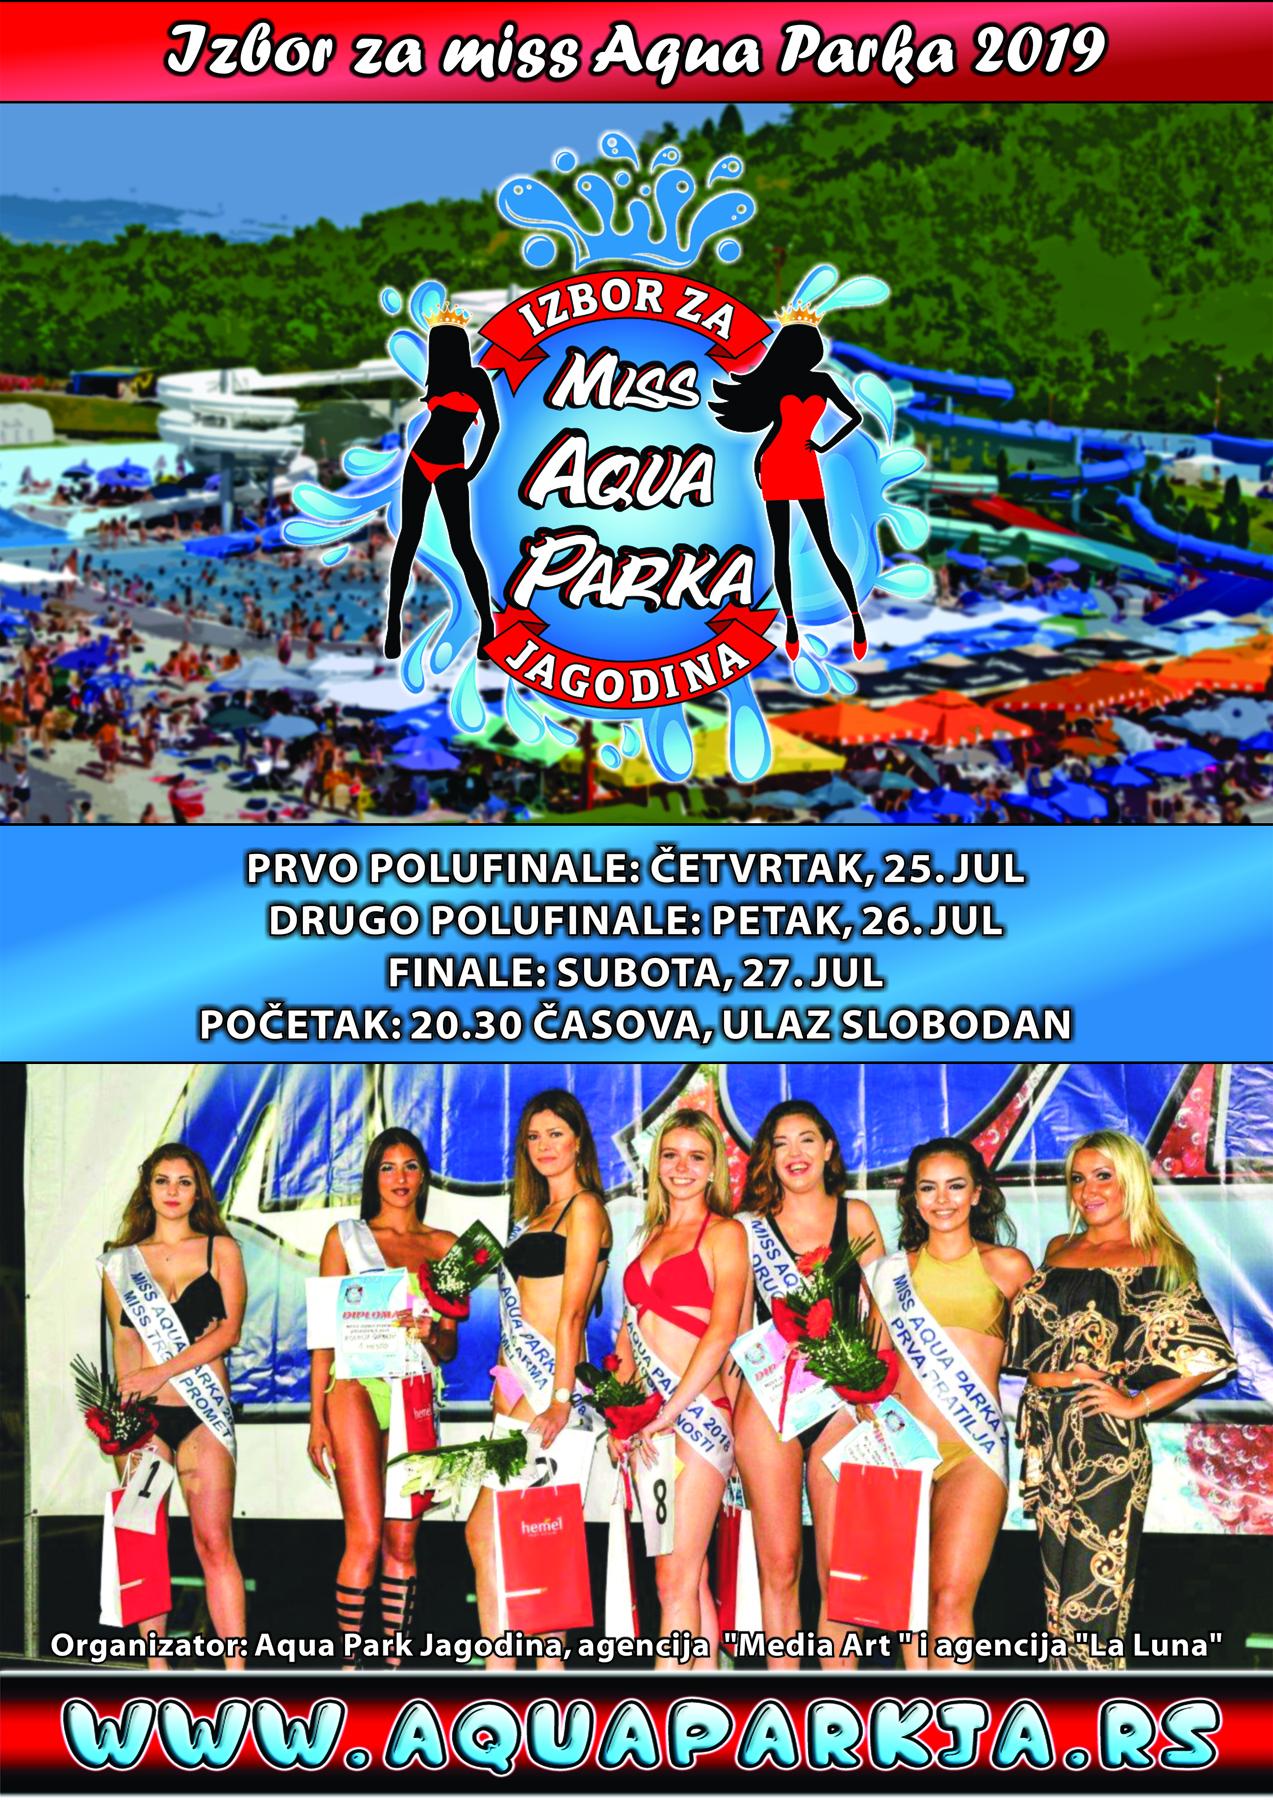 miss aqua parka 2019 - 1